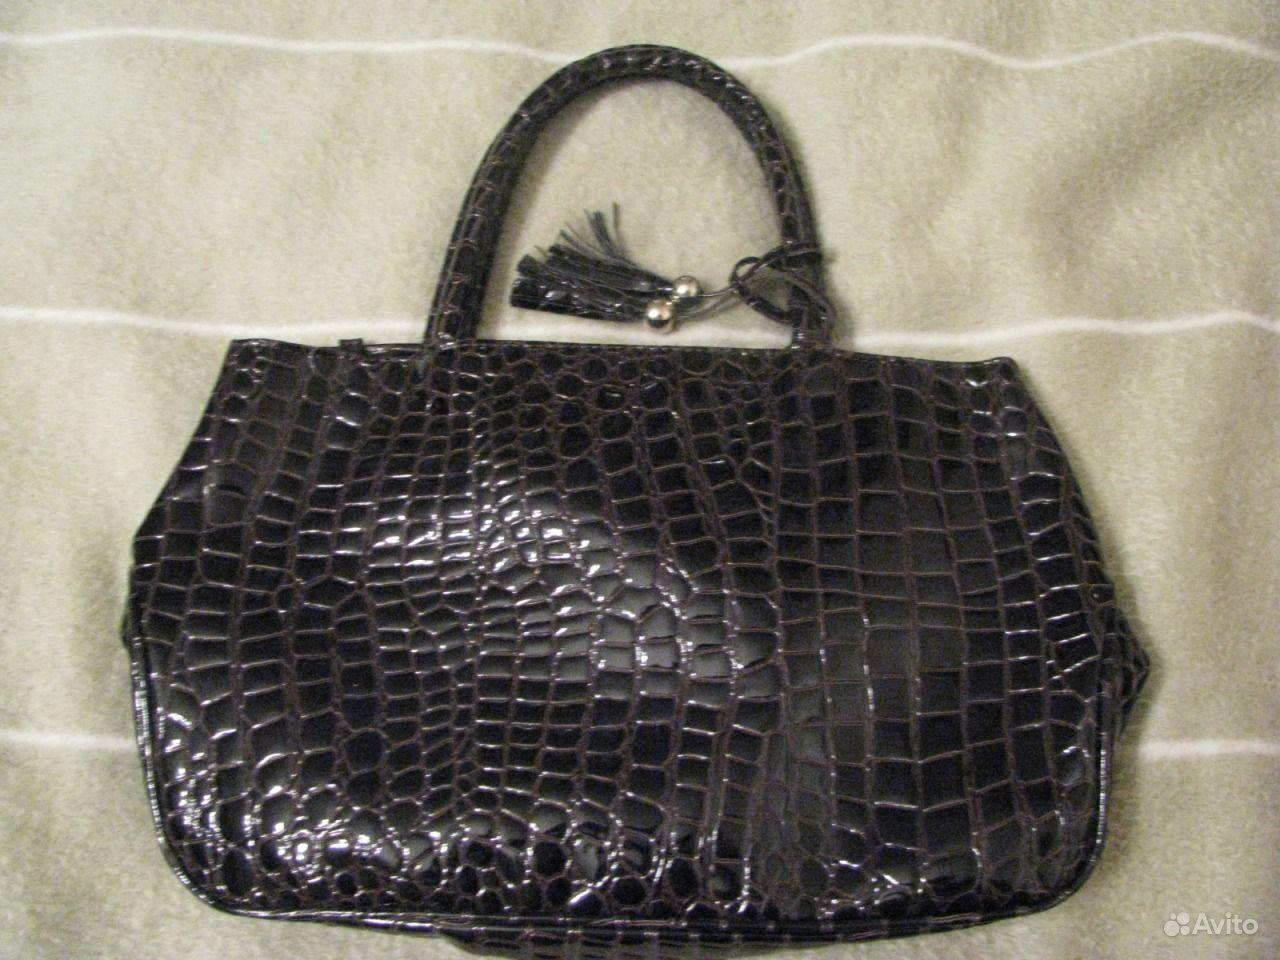 b18af69b98c4 Лаковая женская сумка + кошелек.